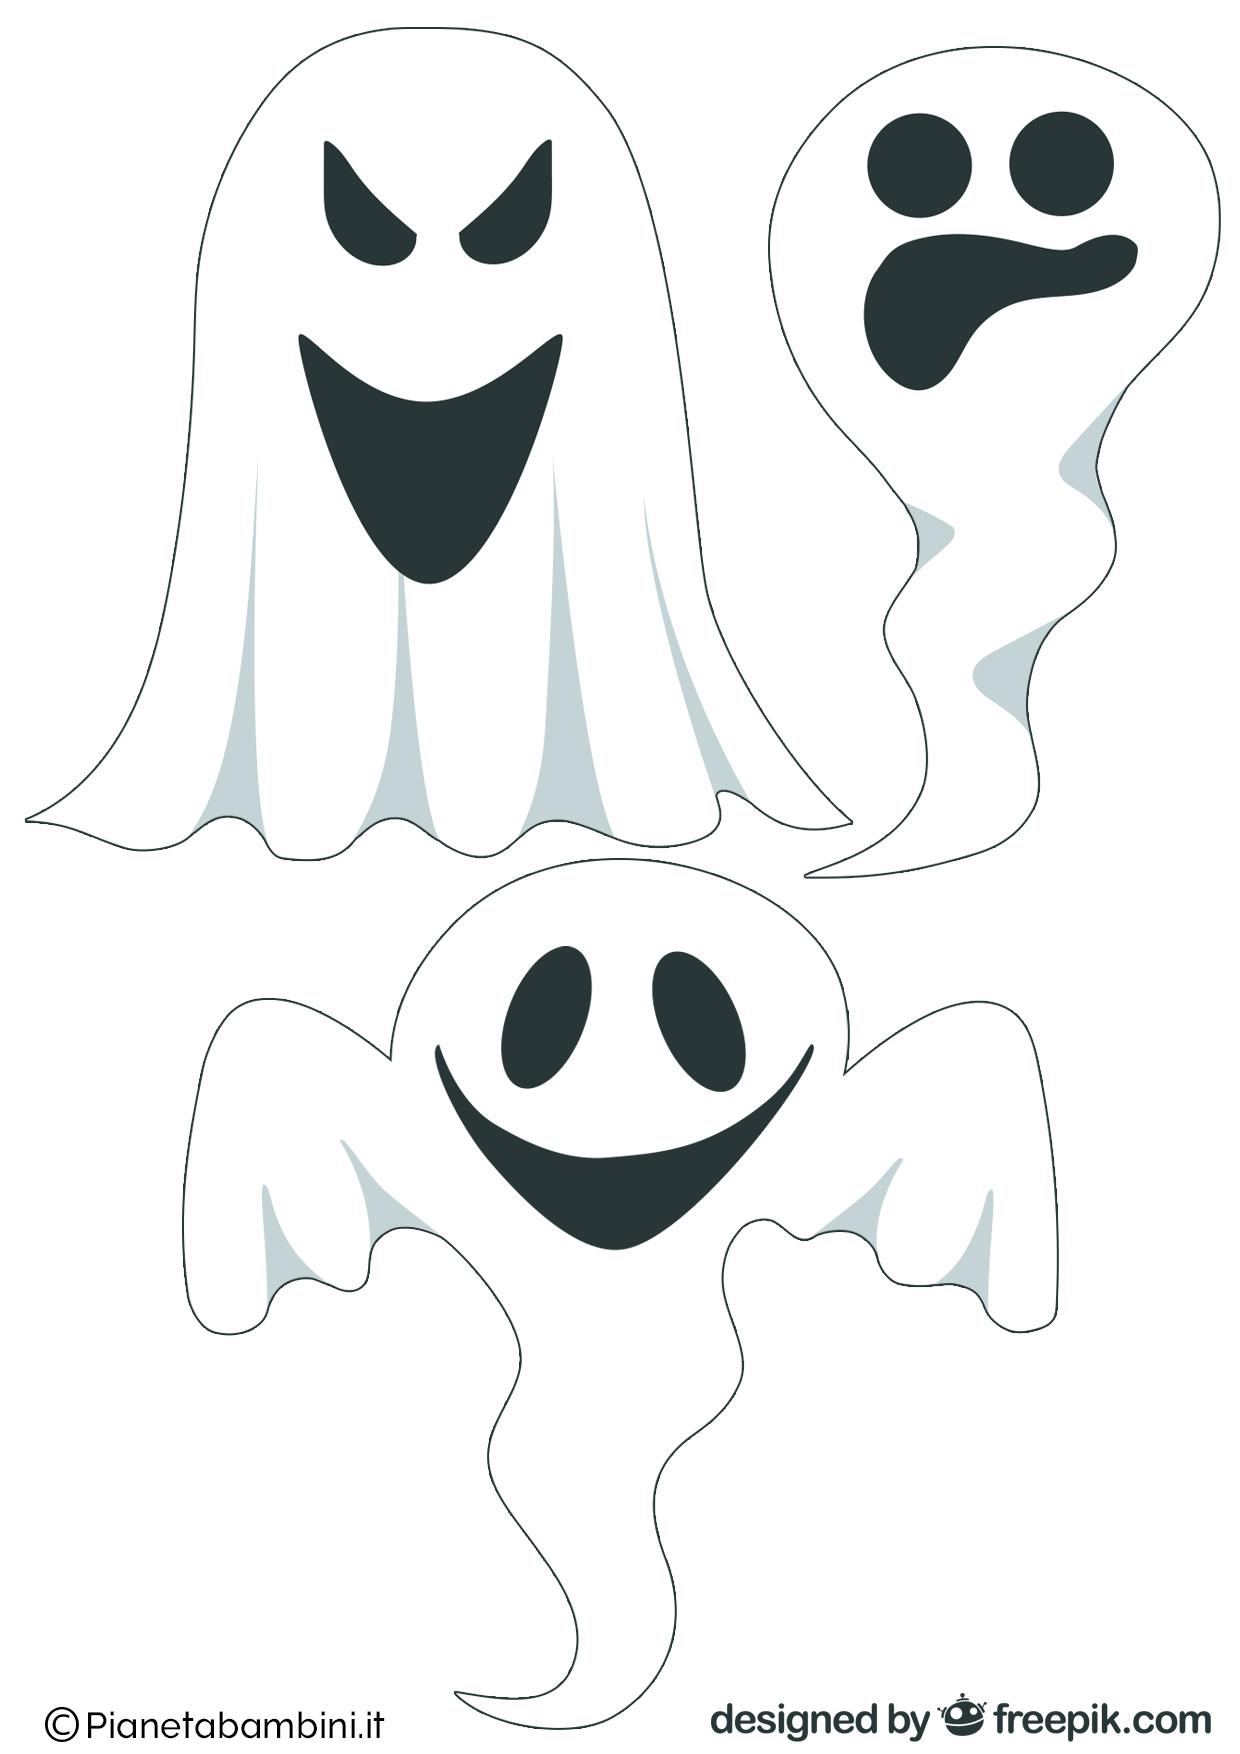 Immagini di fantasmi da stampare e ritagliare for Immagini squali da stampare